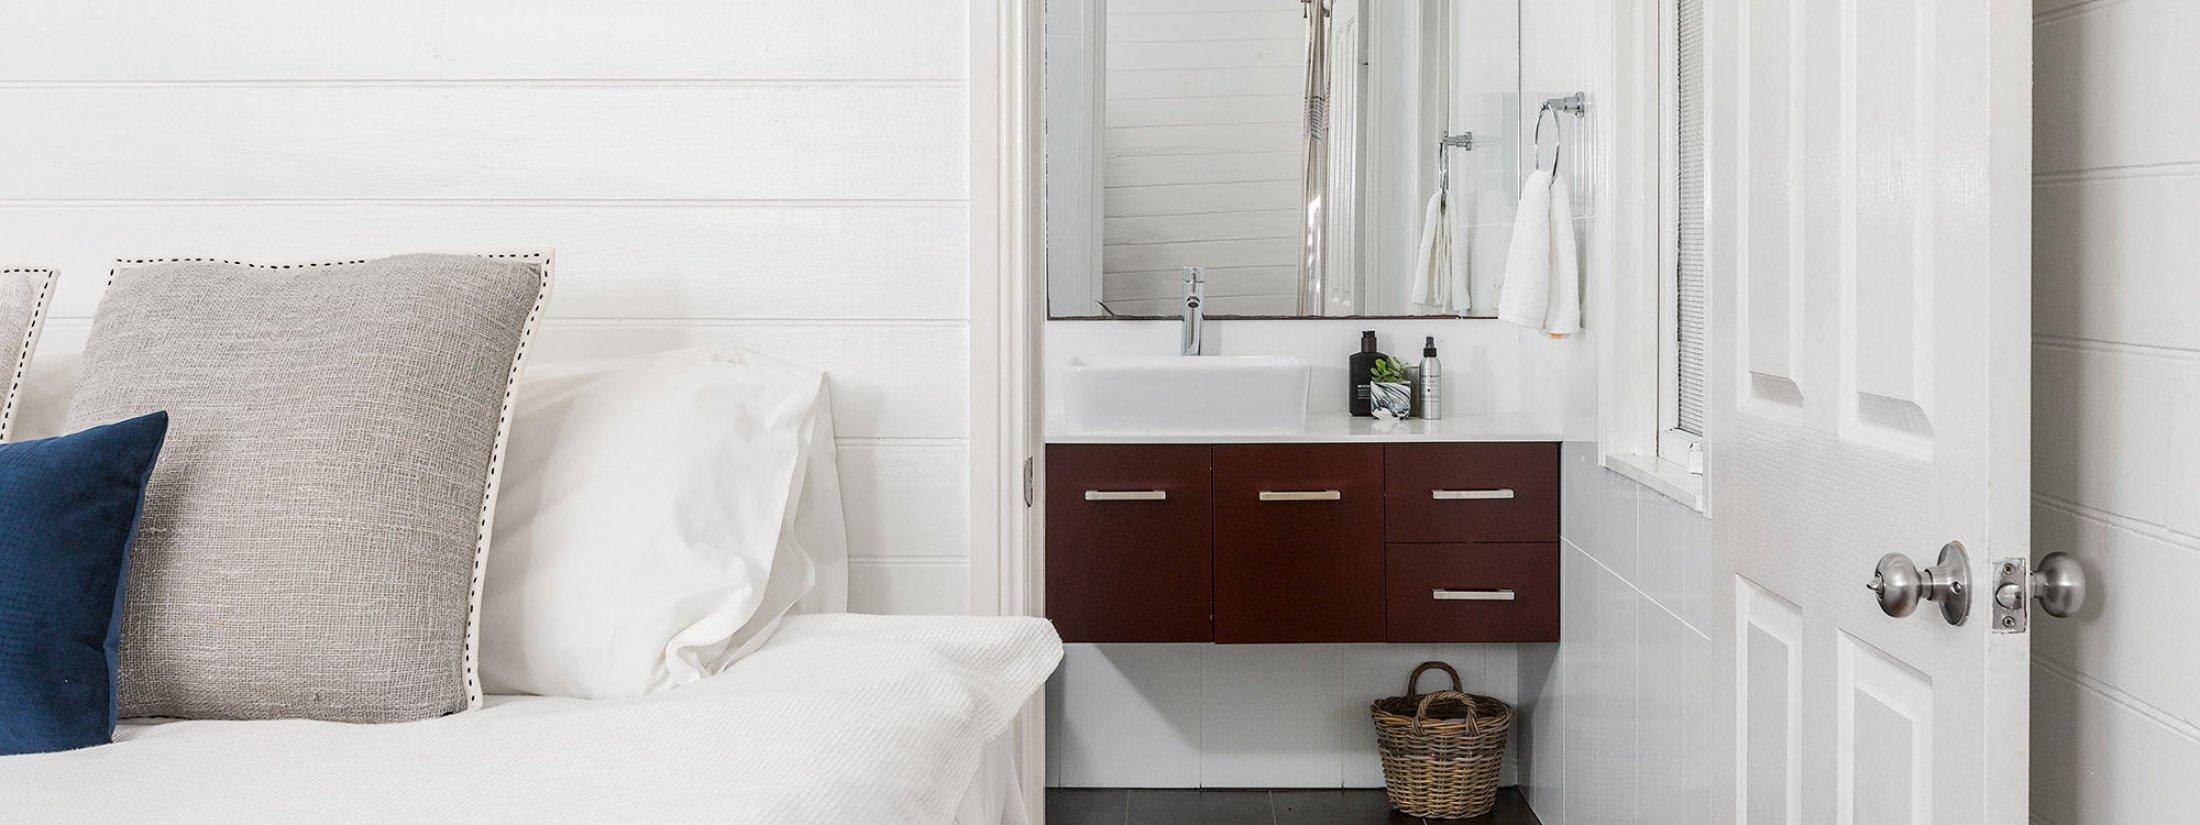 Aaloka Bay - Byron Bay - Master bedroom c